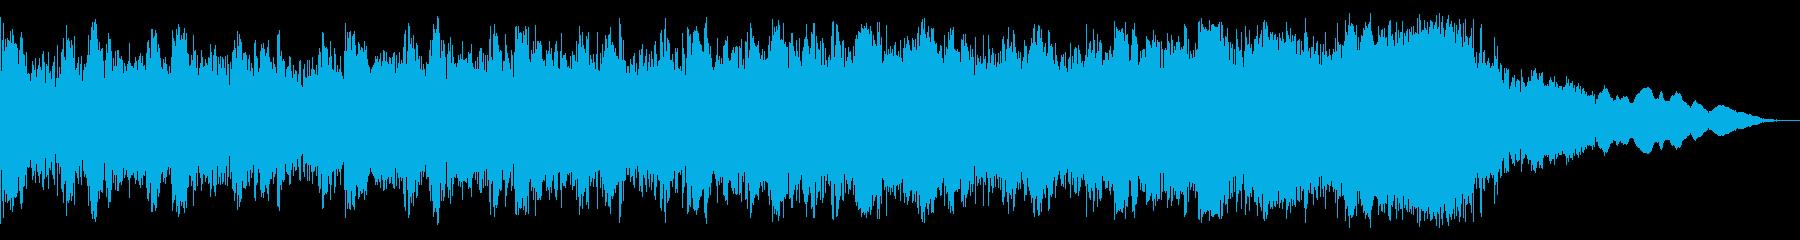 ゴスミュージックベッドの再生済みの波形